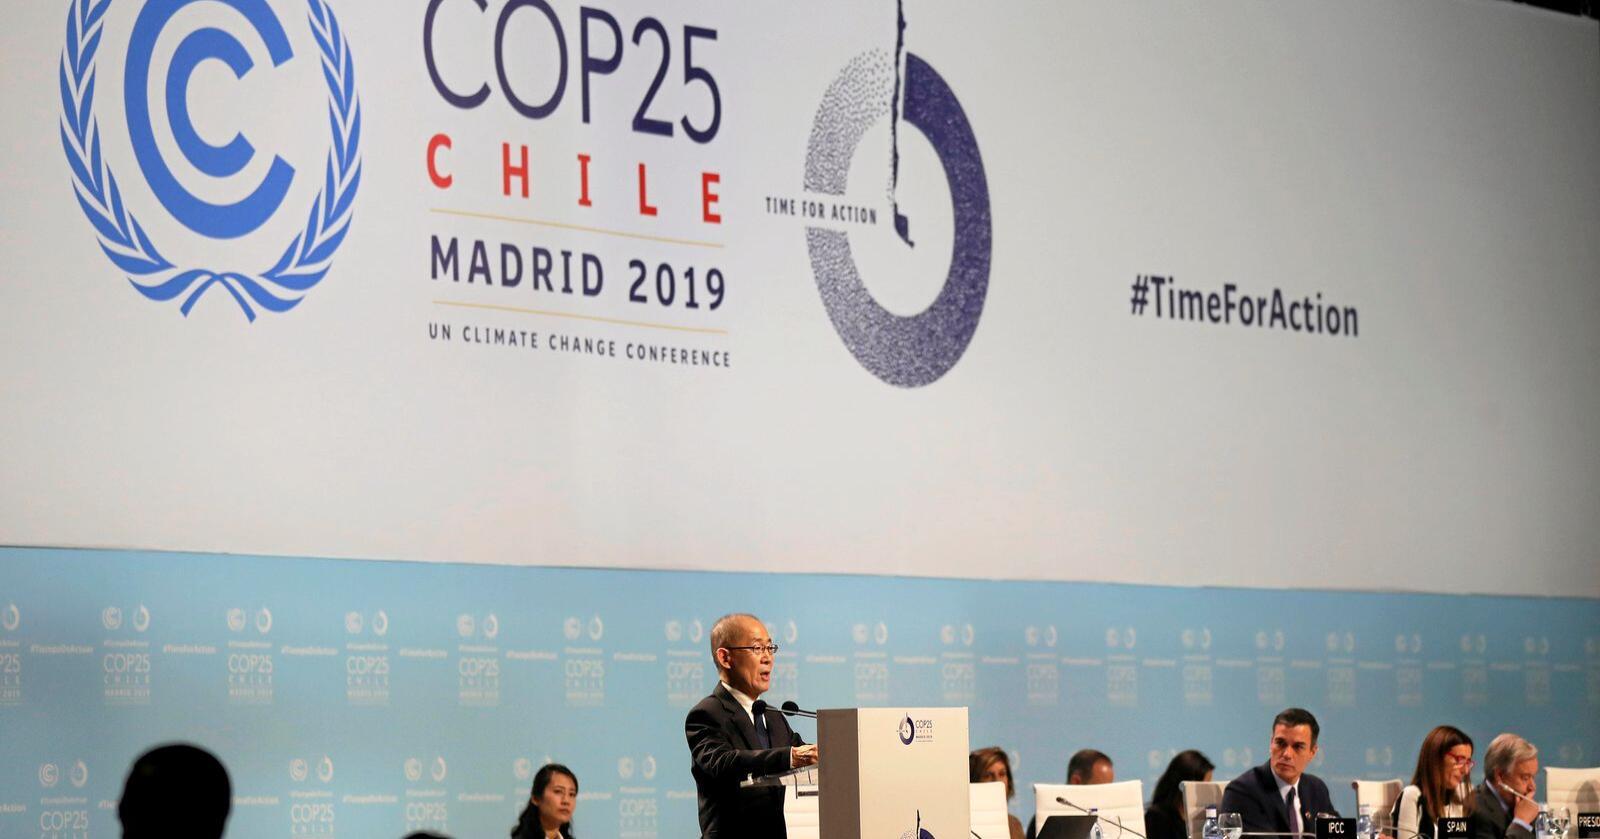 Klimaforhandlinger: De internasjonale klimaforhandlingene, som ble flyttet fra Chile til Spania, er nå i gang. Foto: Manu Fernandez/AP/NTB scanpix